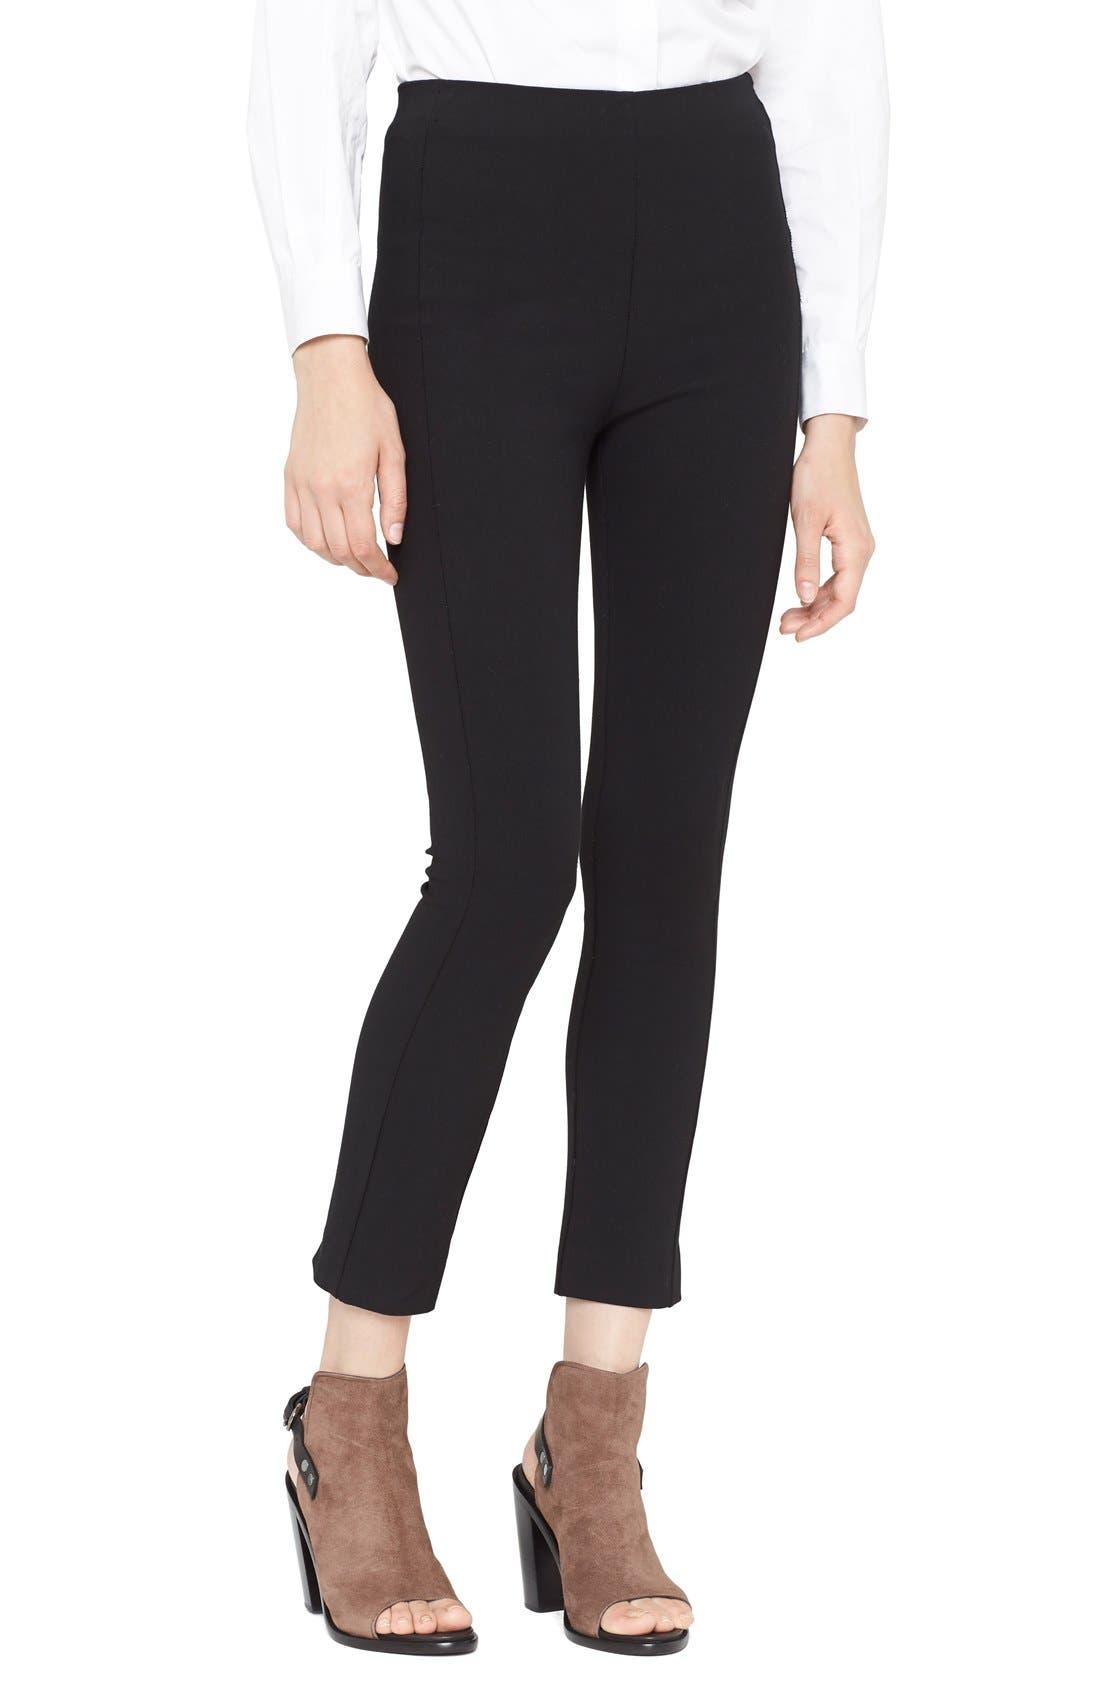 Main Image - rag & bone 'Simone' Slim AnklePants